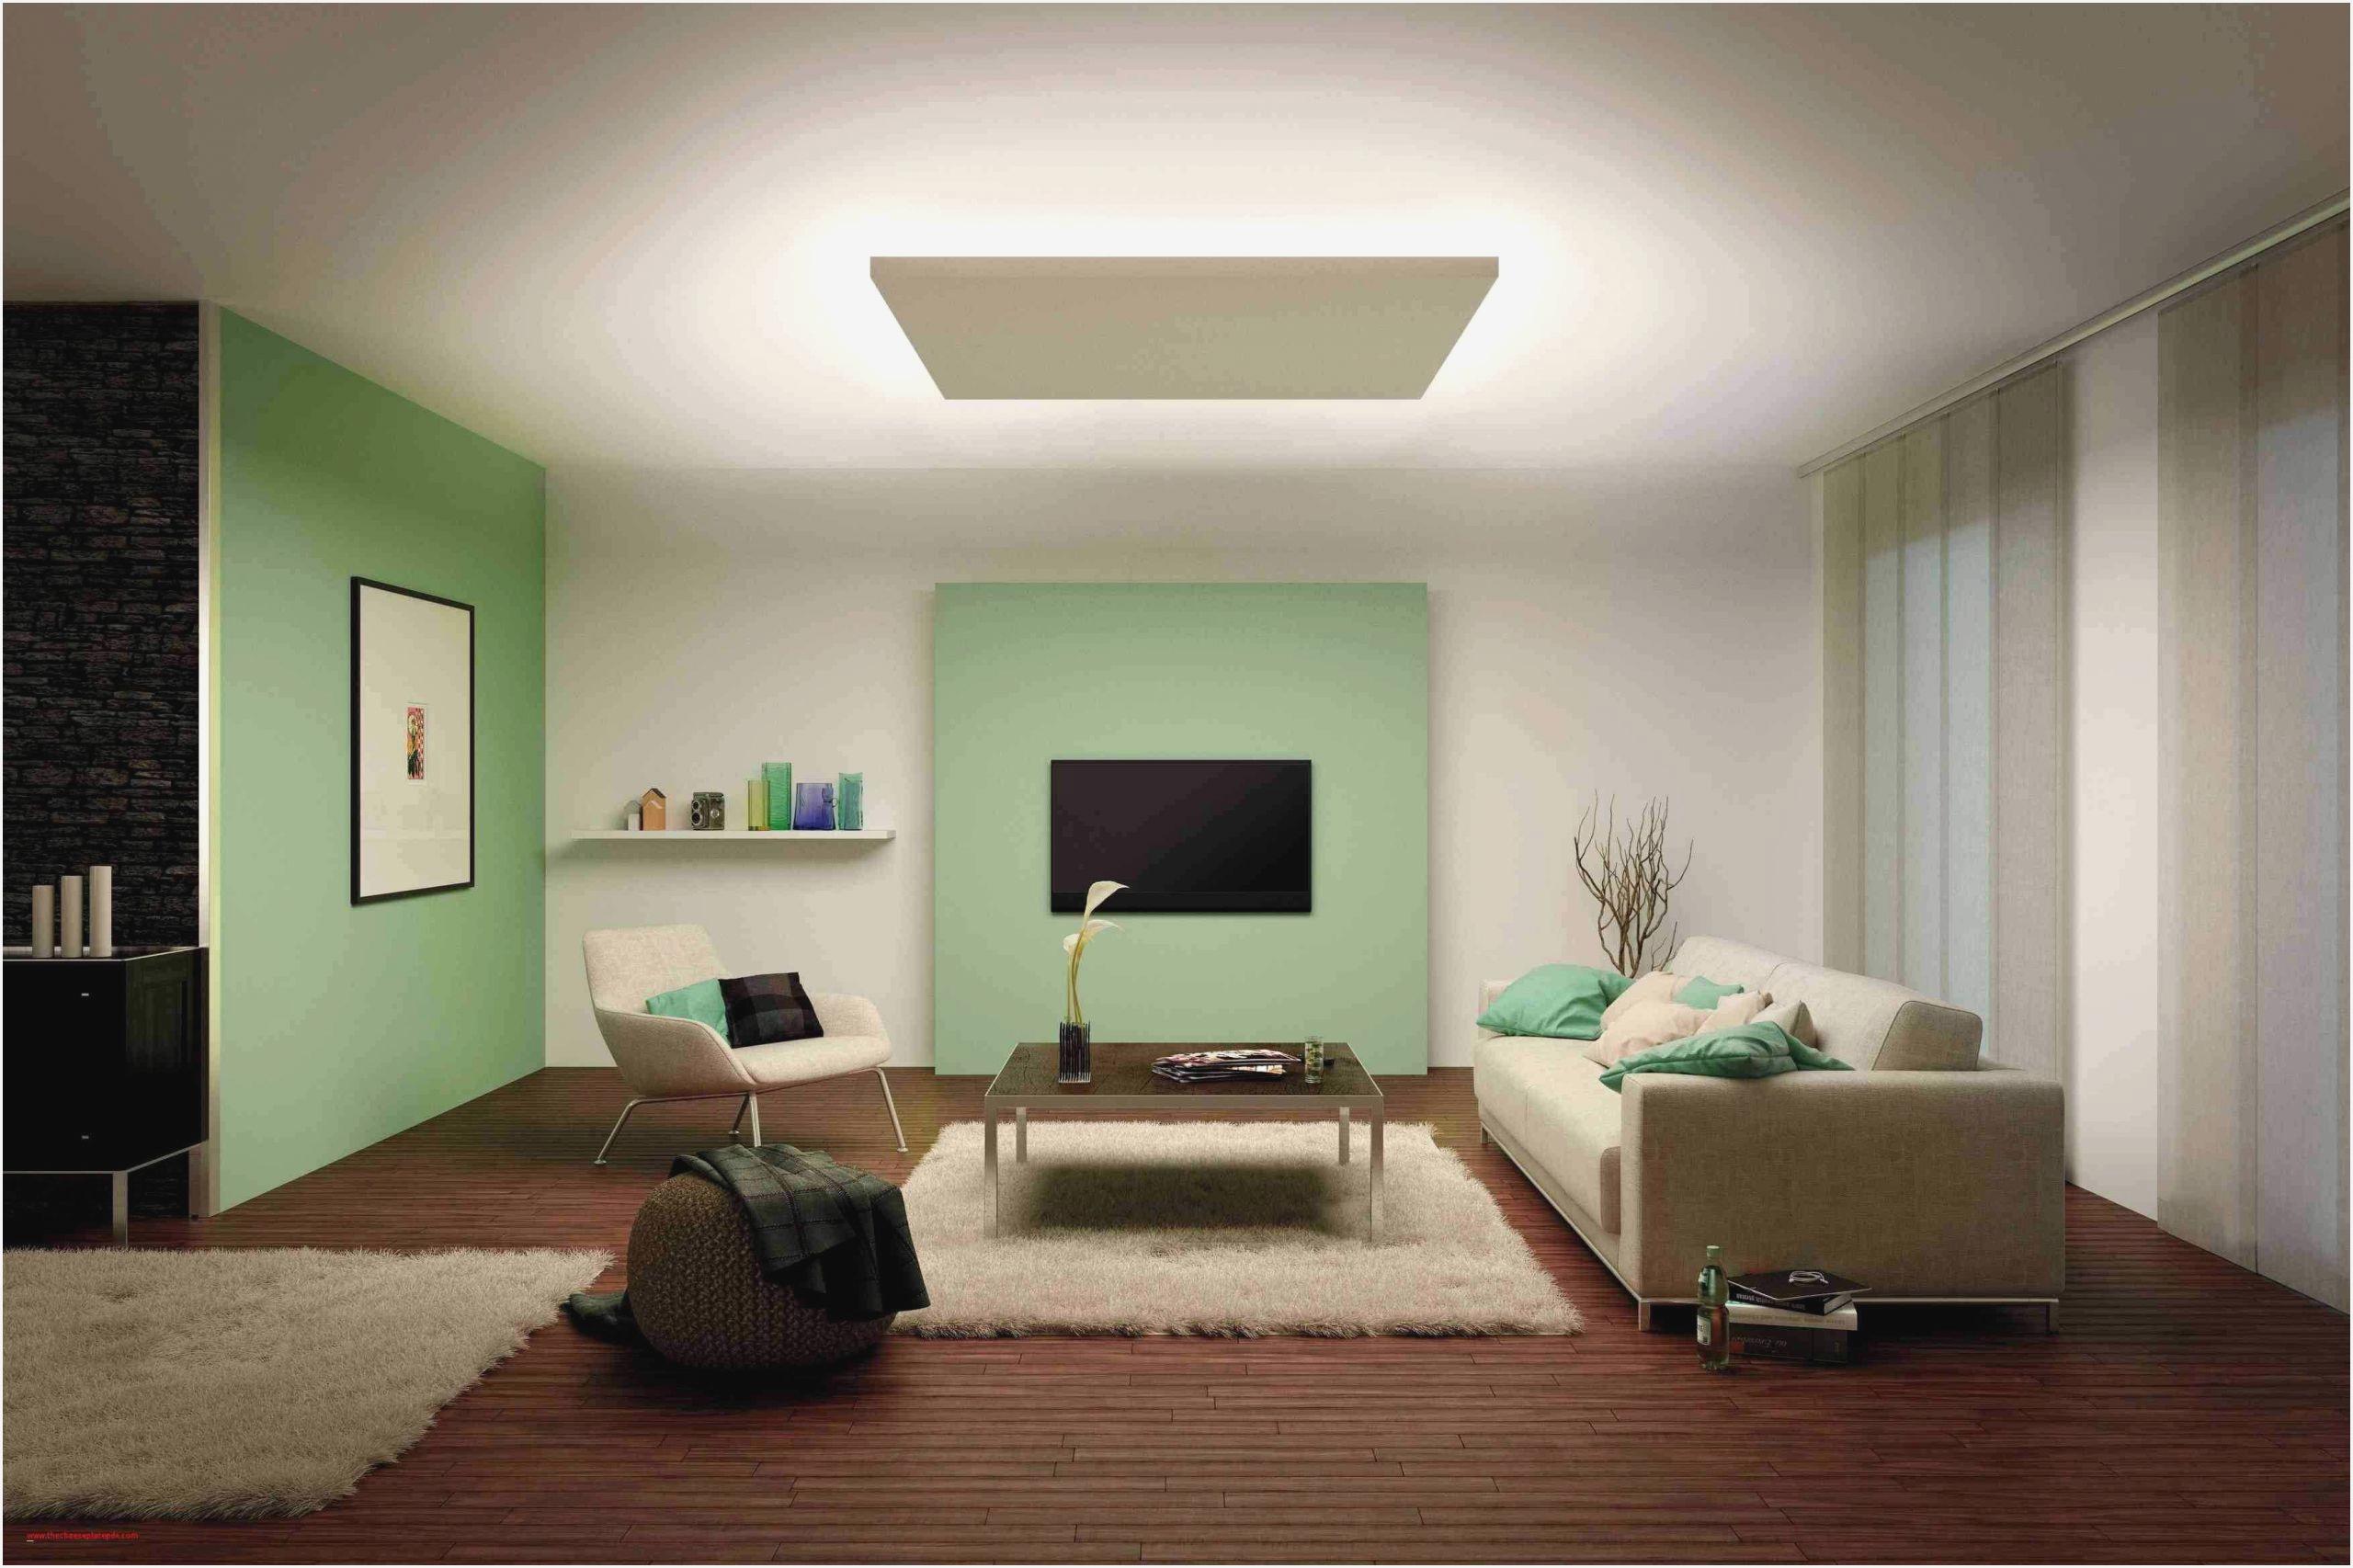 Full Size of Wohnzimmer Deckenlampe Modern Design Traumhaus Fototapeten Liege Landhausstil Komplett Lampe Gardine Decken Tisch Deckenlampen Deko Wohnwand Anbauwand Wohnzimmer Wohnzimmer Deckenlampe